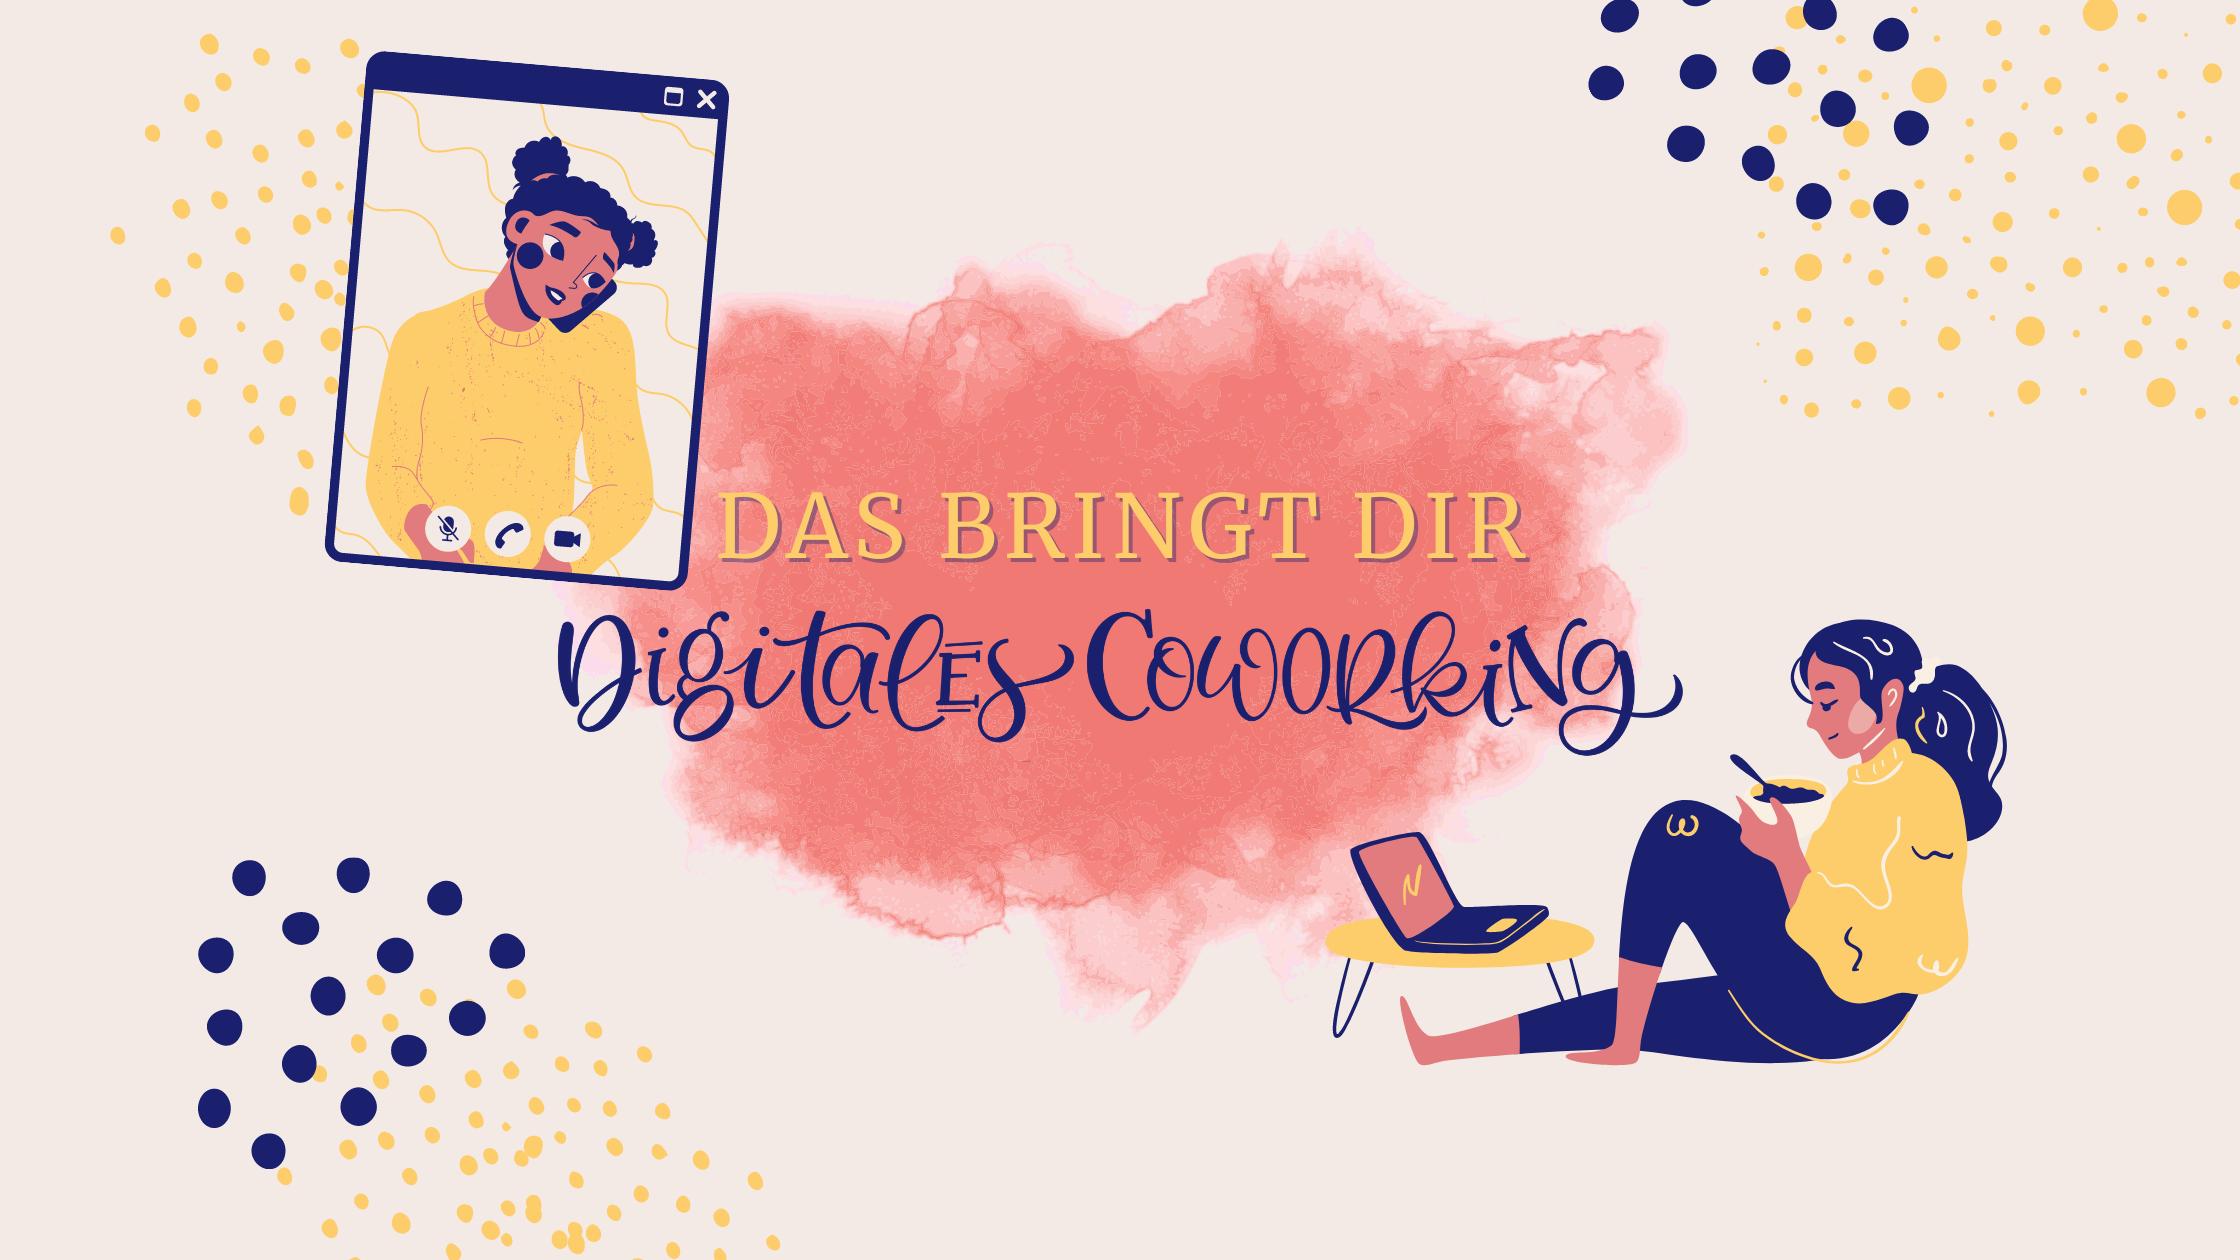 Digitales Coworking – Was ist das eigentlich?